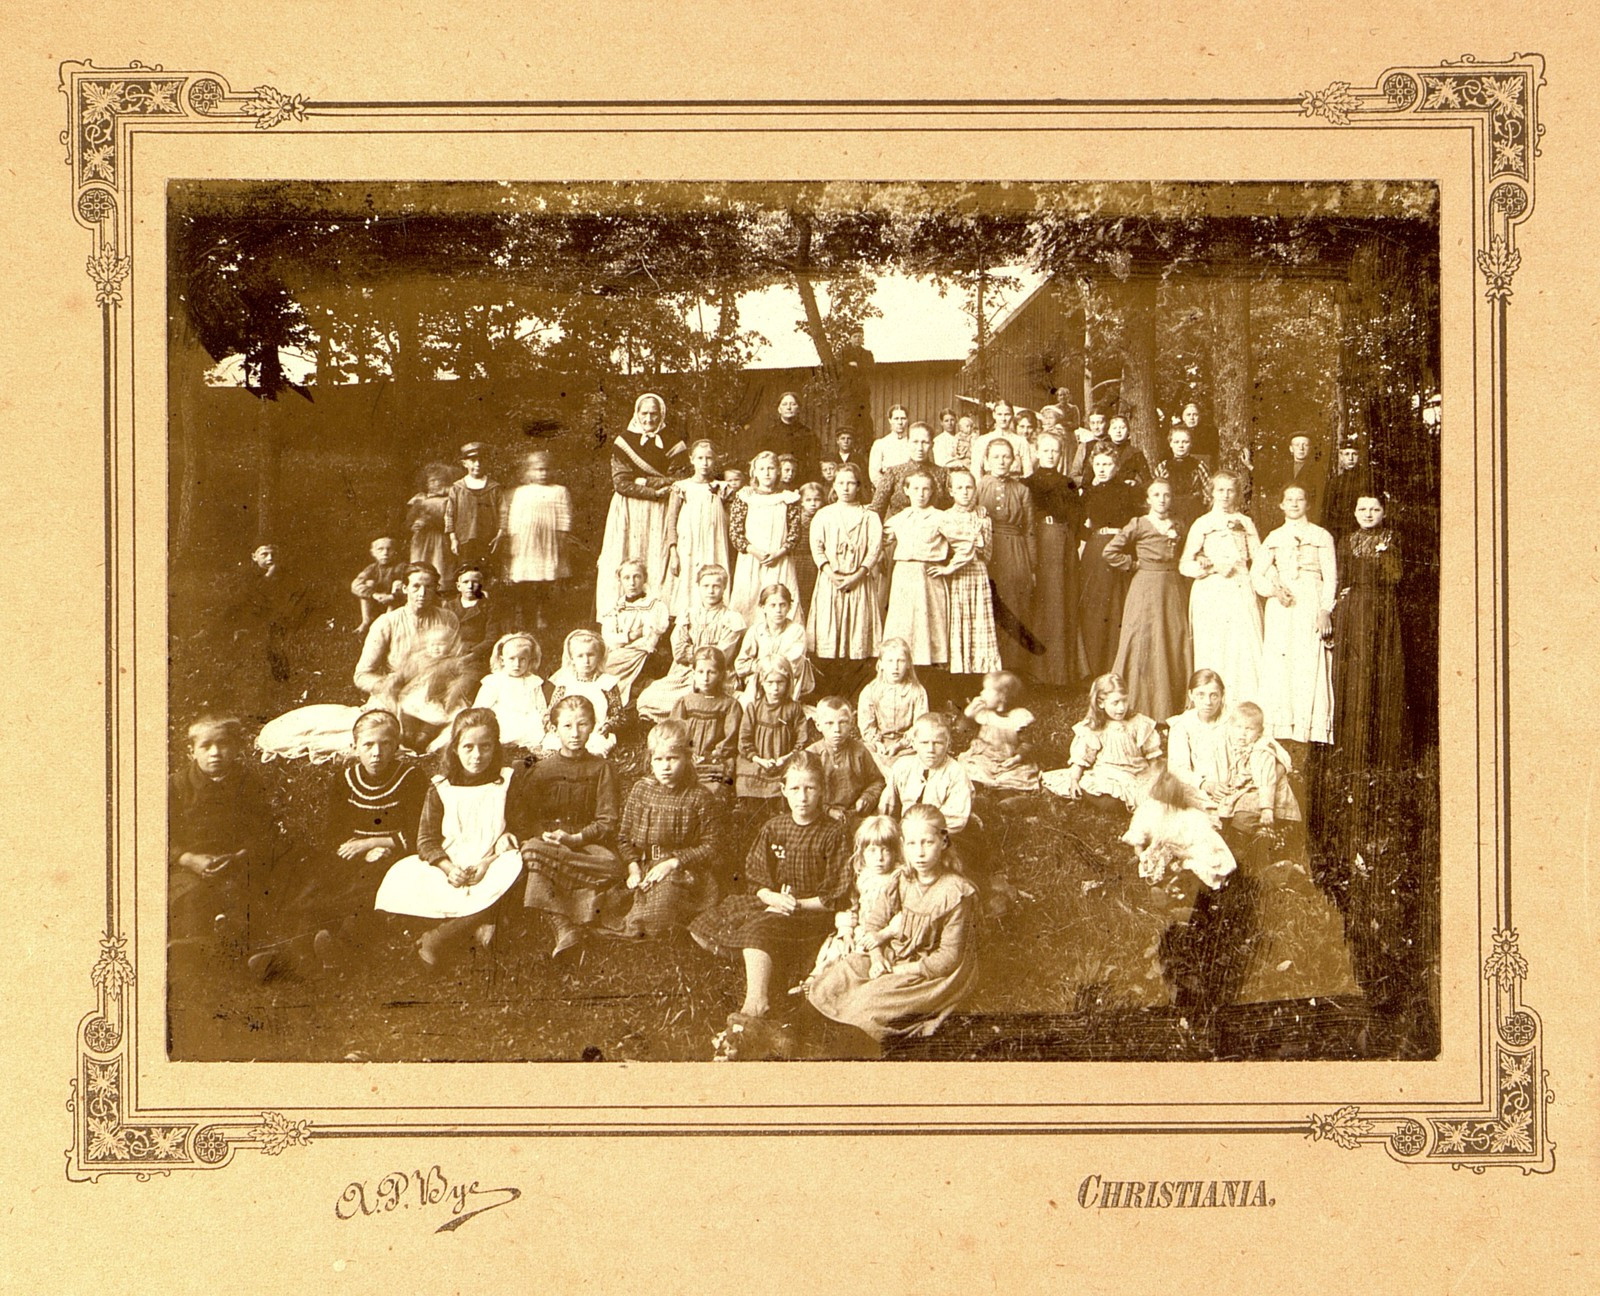 Tekst bak på bildet: Anna Olsen, Agnes.